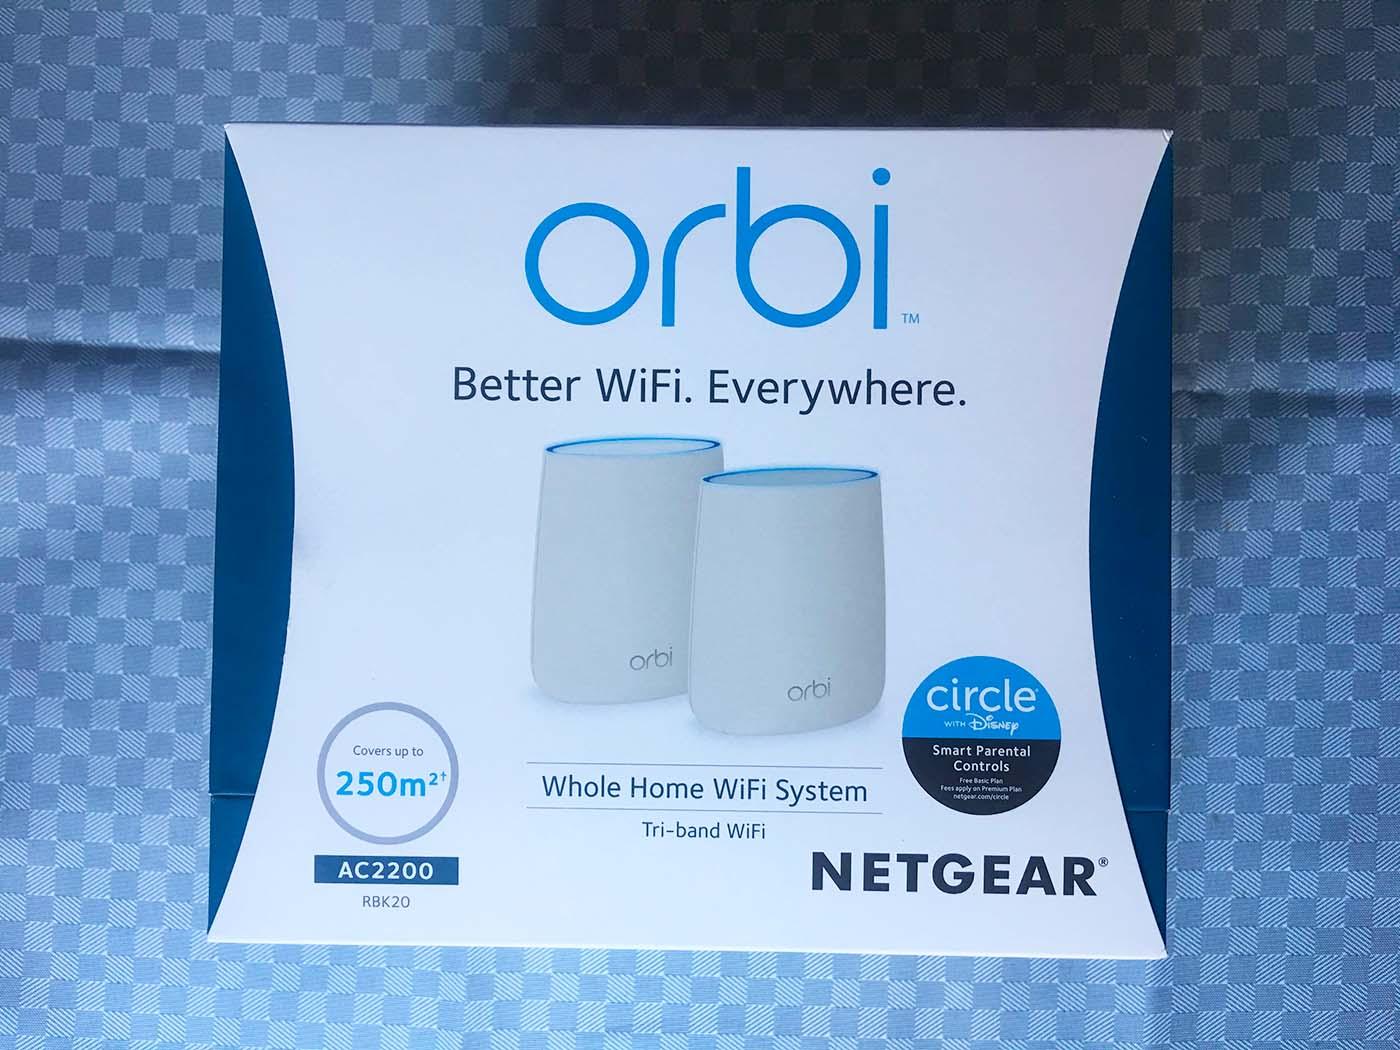 Recensione di Netgear Orbi, il Sistema WiFi Mesh più elegante e potente di sempre